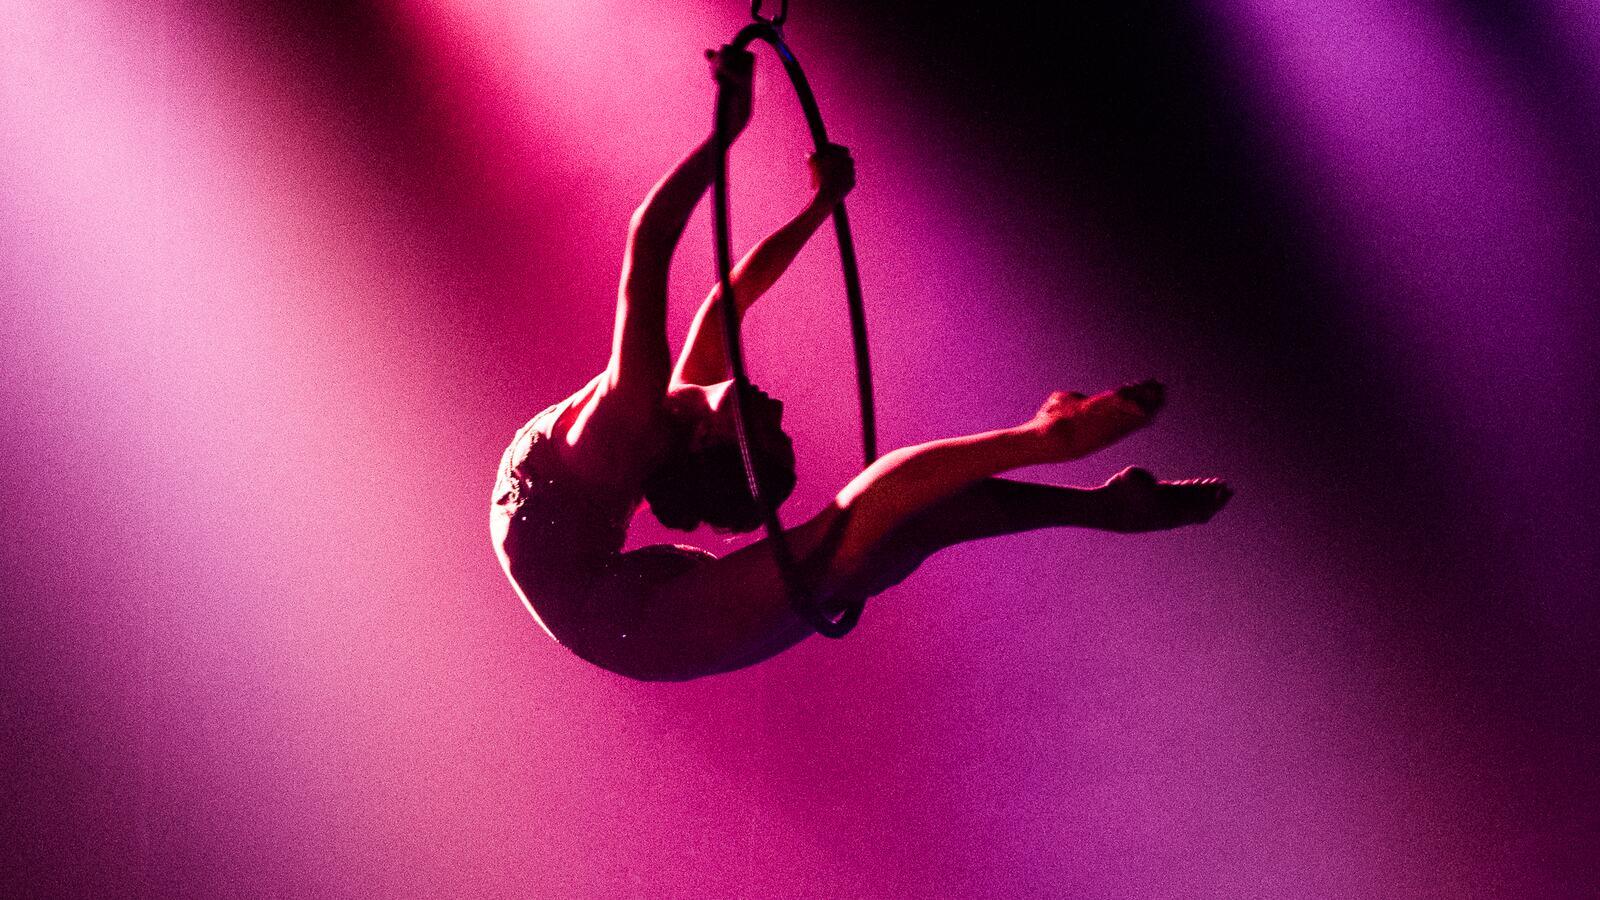 Performing acrobat at Circus 1903